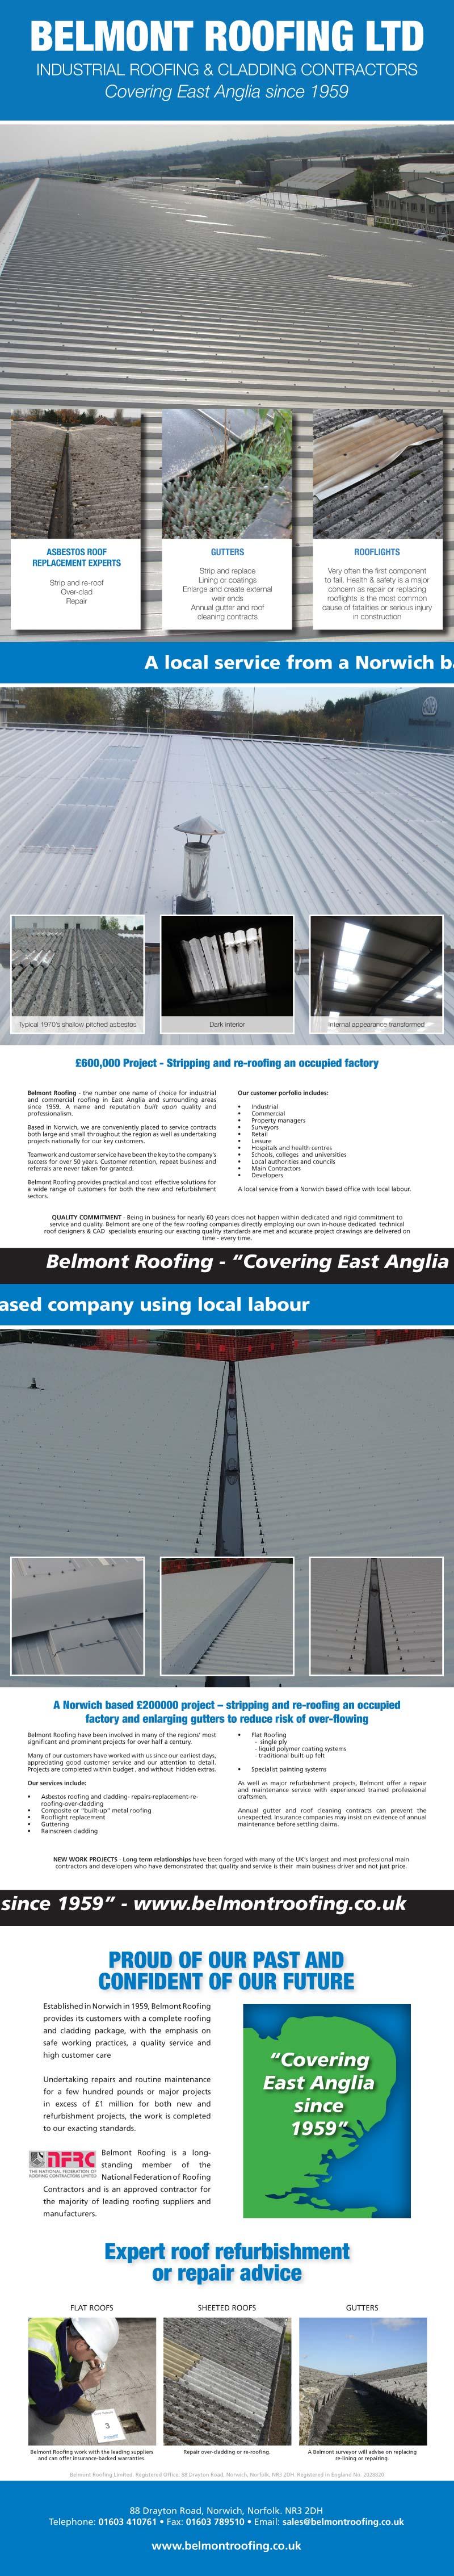 belmont_roofing_brochure_2014